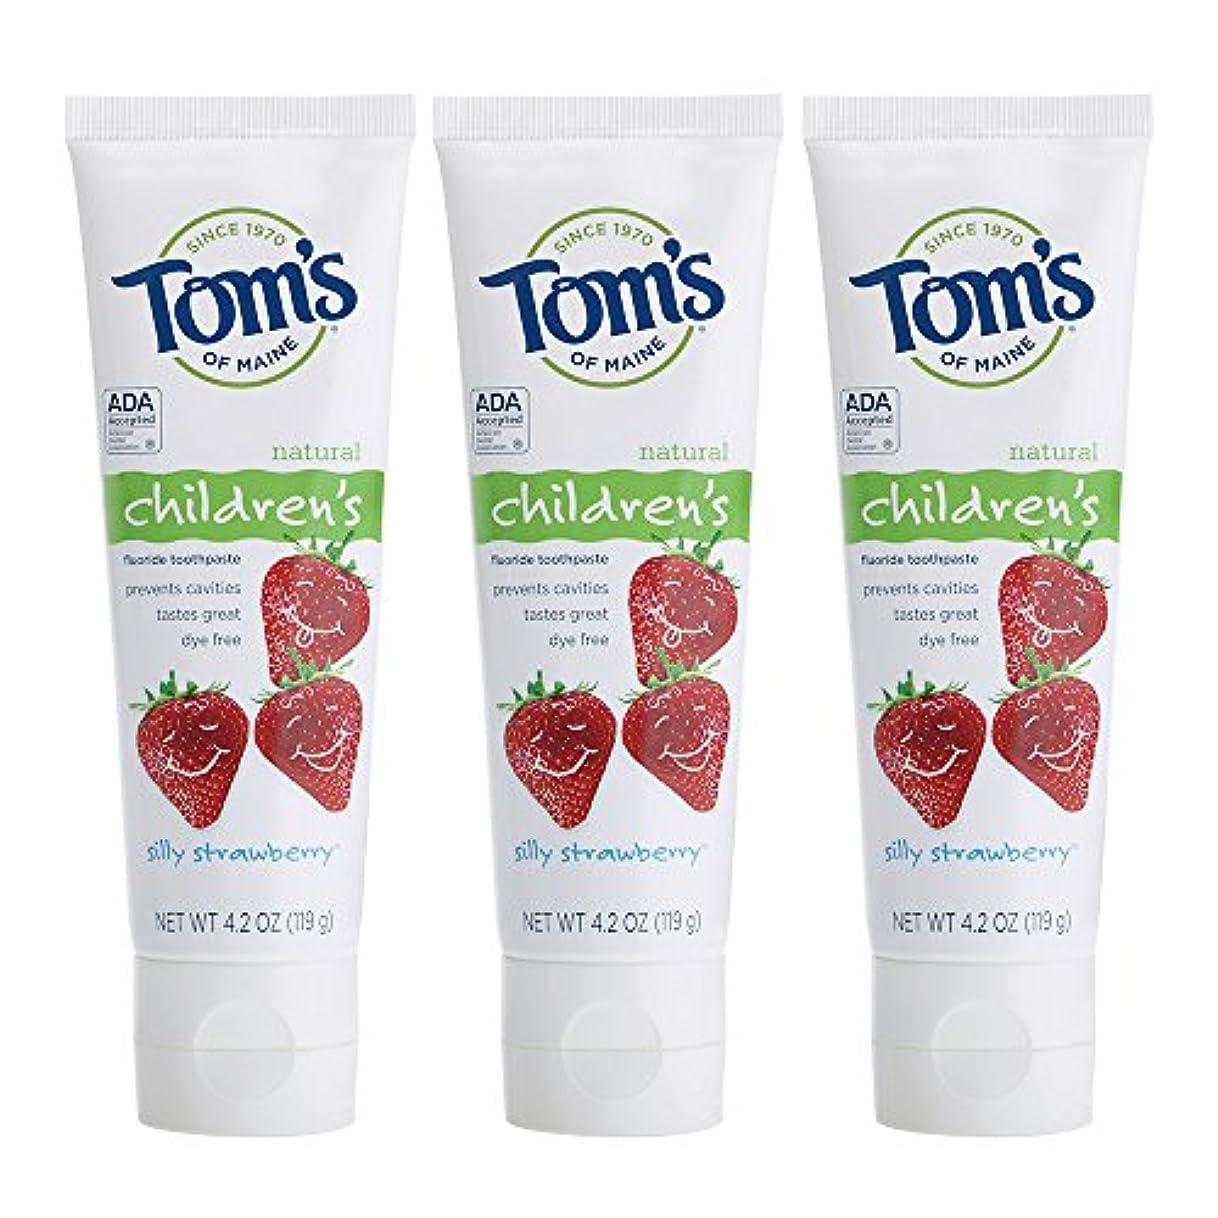 欺負荷またはTom's of Maine, Natural Children's Fluoride Toothpaste, Silly Strawberry, 4.2 oz (119 g)